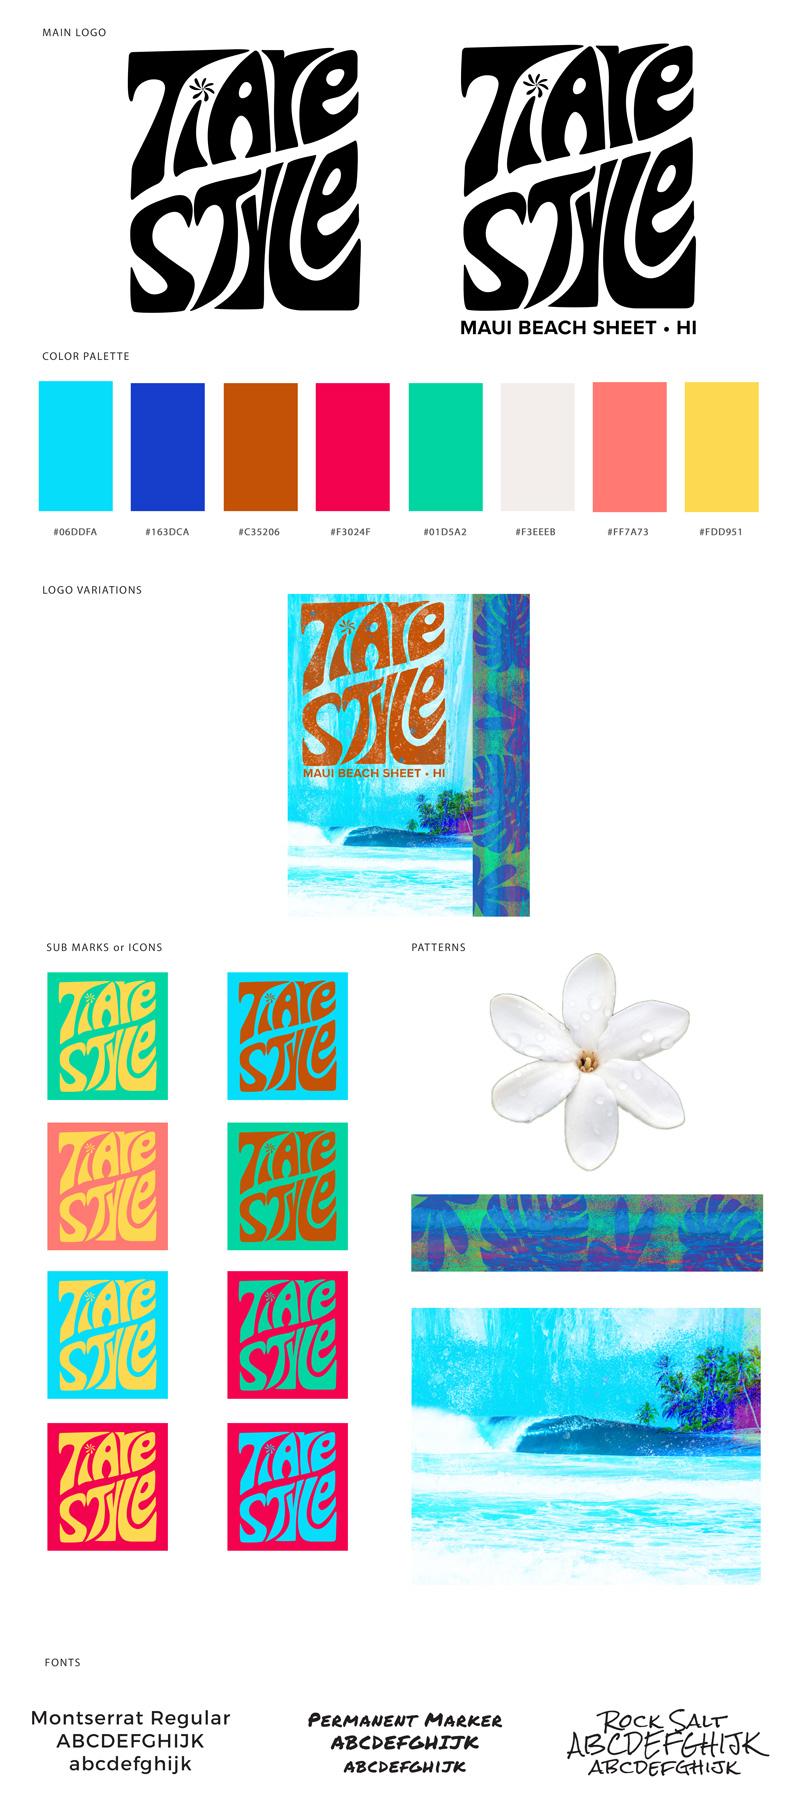 TIARE STYLE Brand Board